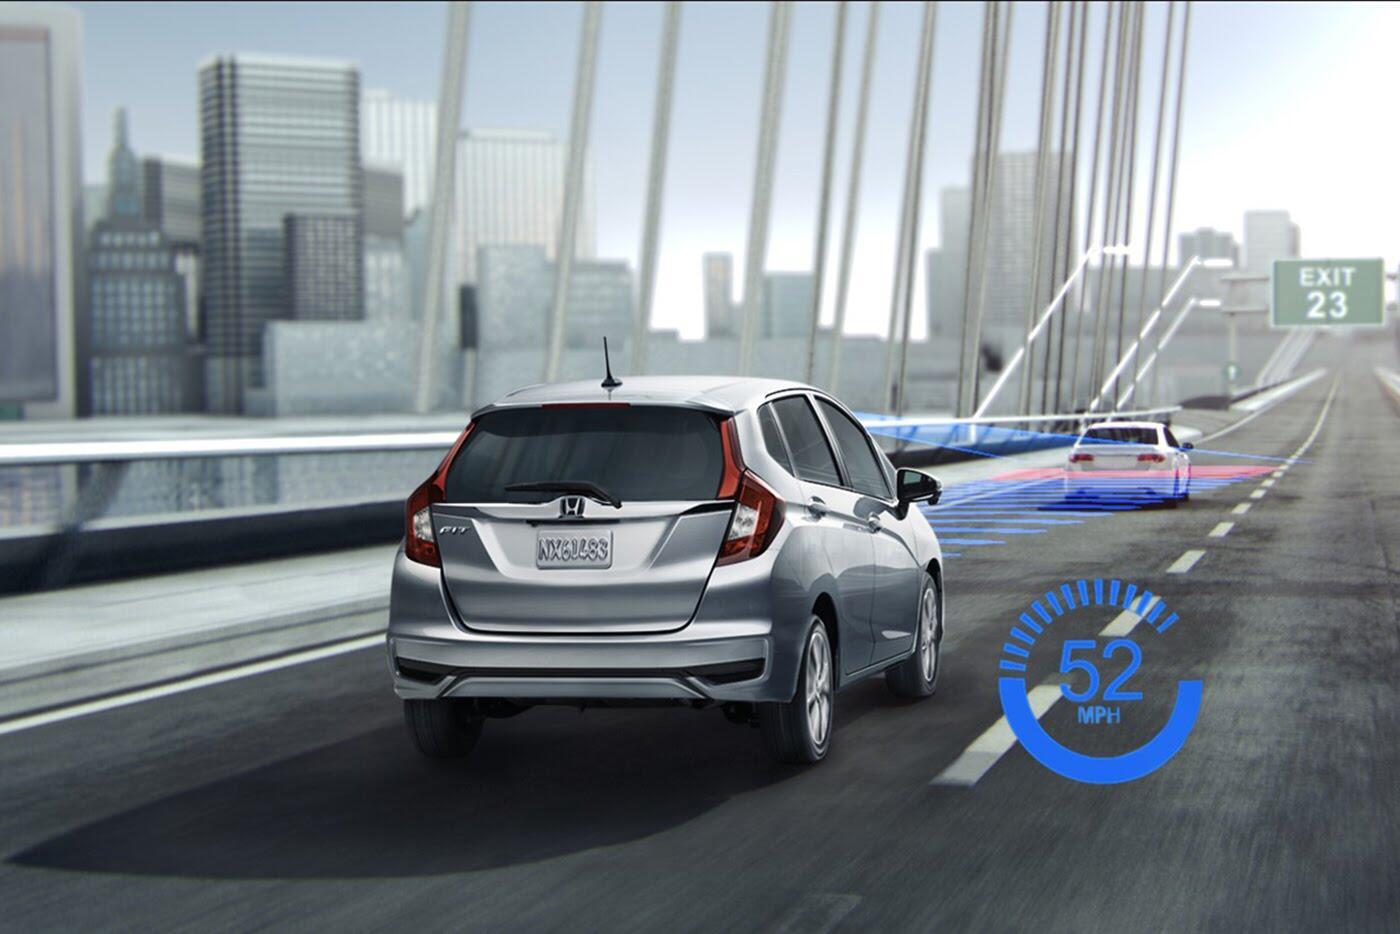 Lộ diện Honda Fit 2018 với thiết kế mới - Hình 3